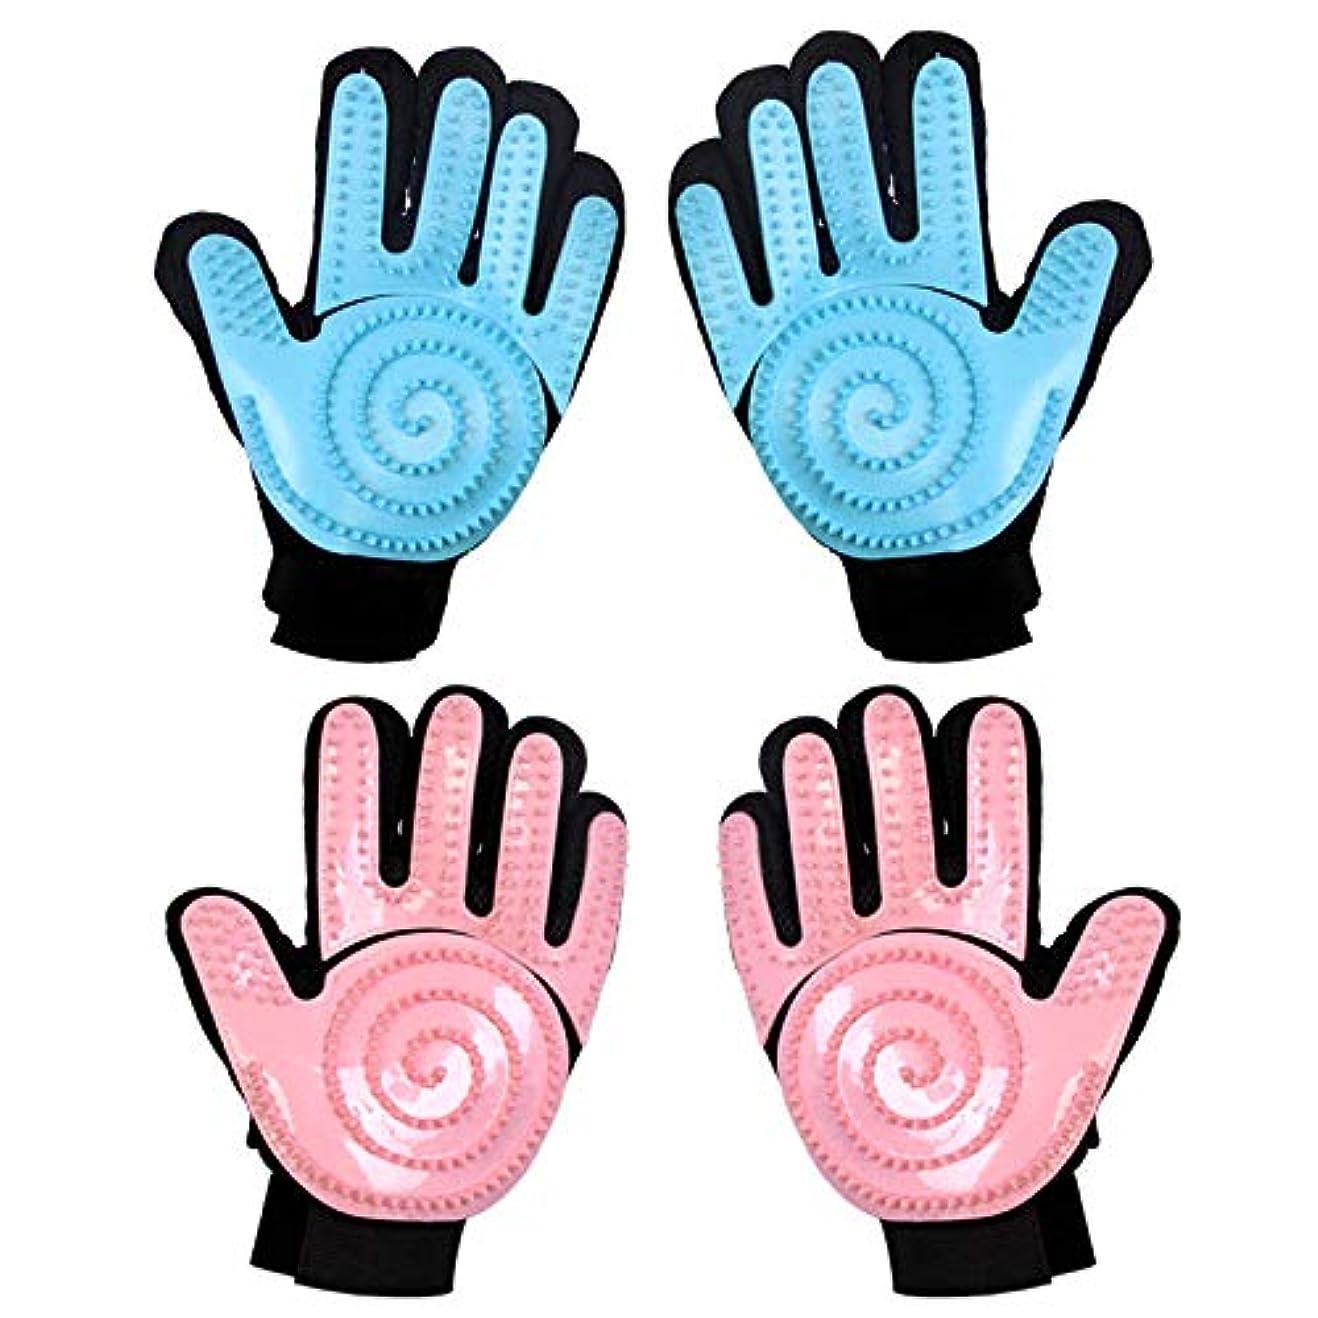 情緒的ばかげた媒染剤BTXXYJP 手袋 ペット ブラシ グローブ 猫 ブラシ クリーナー 抜け毛取り マッサージブラシ 犬 グローブ ペット毛取りブラシ お手入れ (Color : Pink, Style : Right hand)